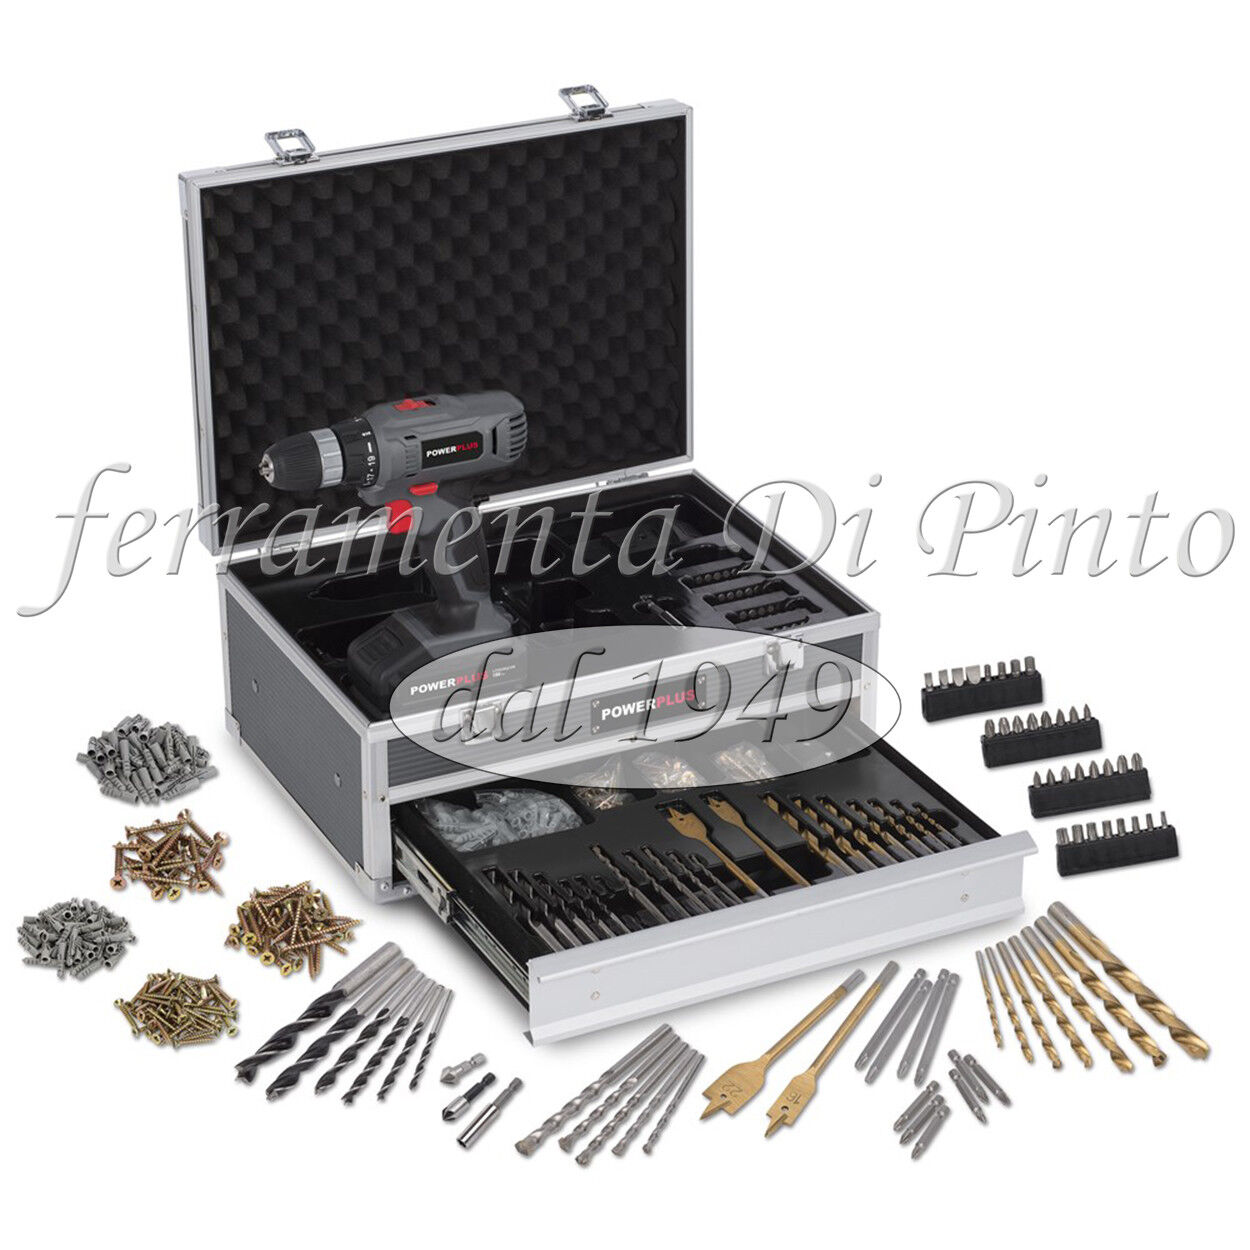 Avvitatore Trapano 2 2 2 Batteria LITIO 18V 1300 mAh 30 Nm REVERSIBILE 275 Accessori ba17dd